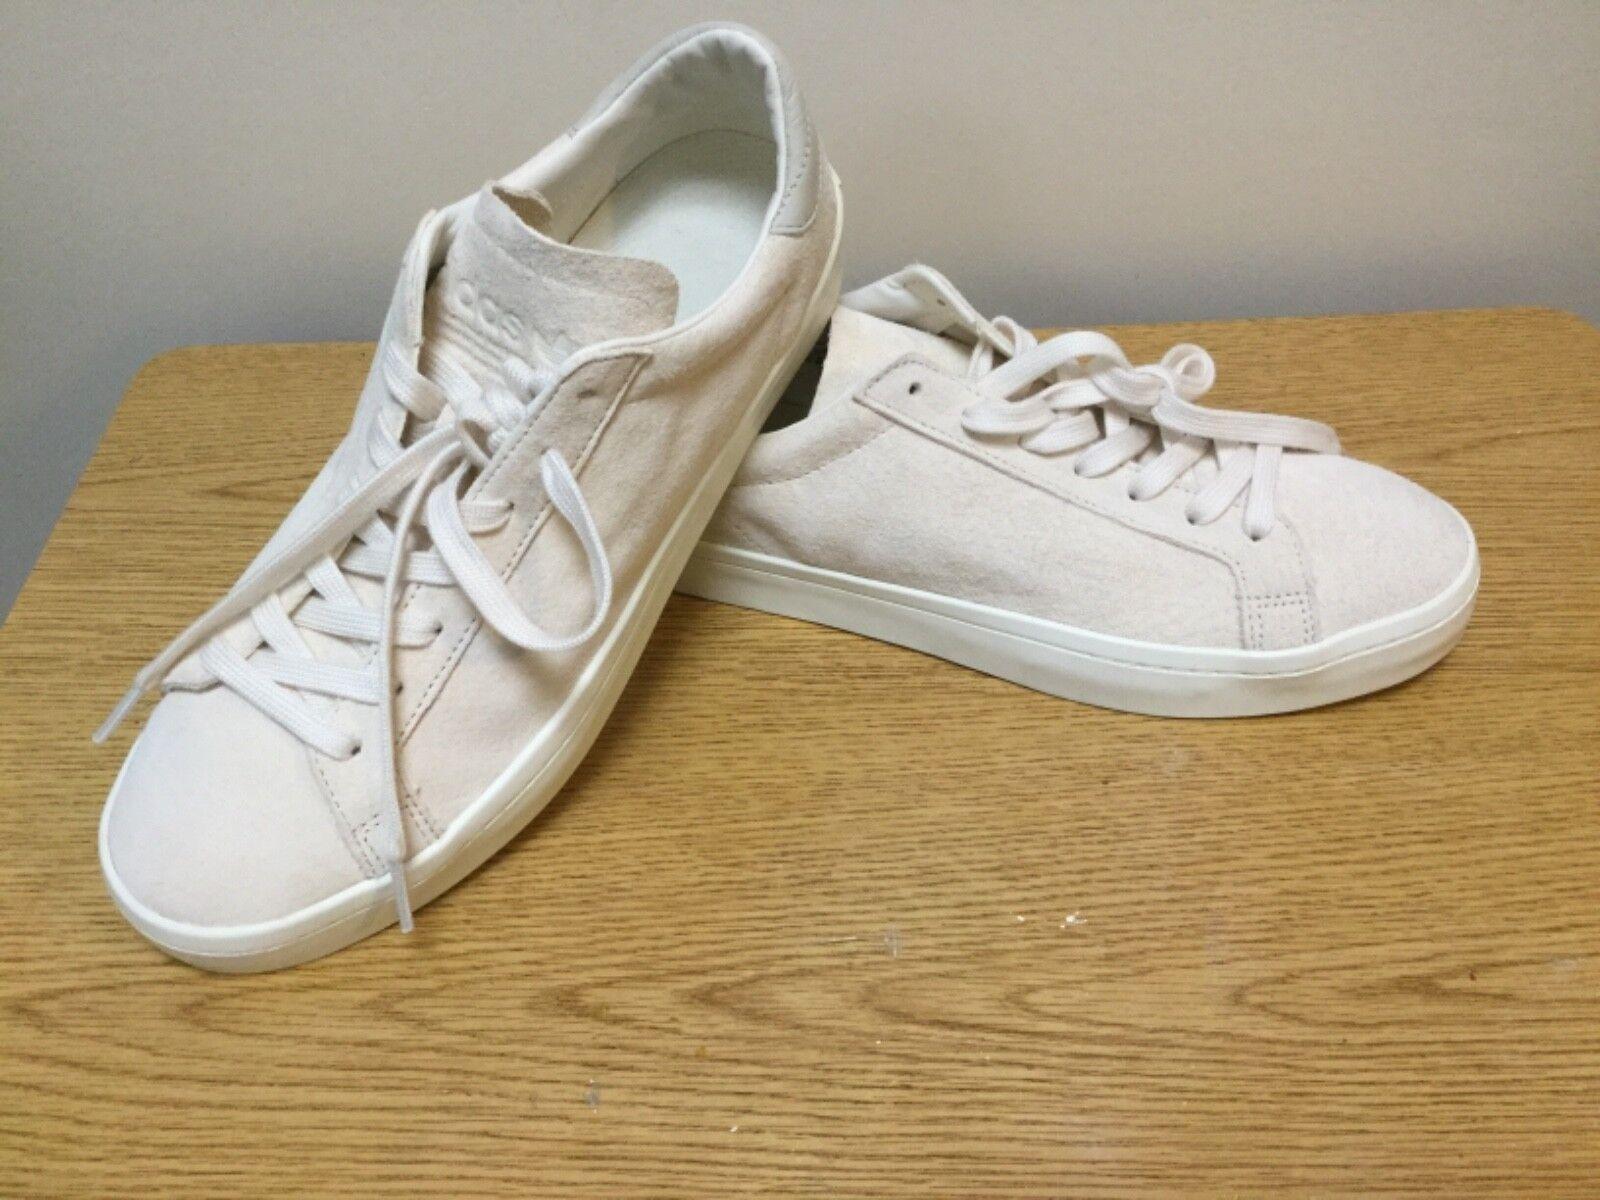 Adidas Originals Cream courtvantage último zapatos tenis comodo el último courtvantage descuento zapatos para hombres y mujeres 6653ac